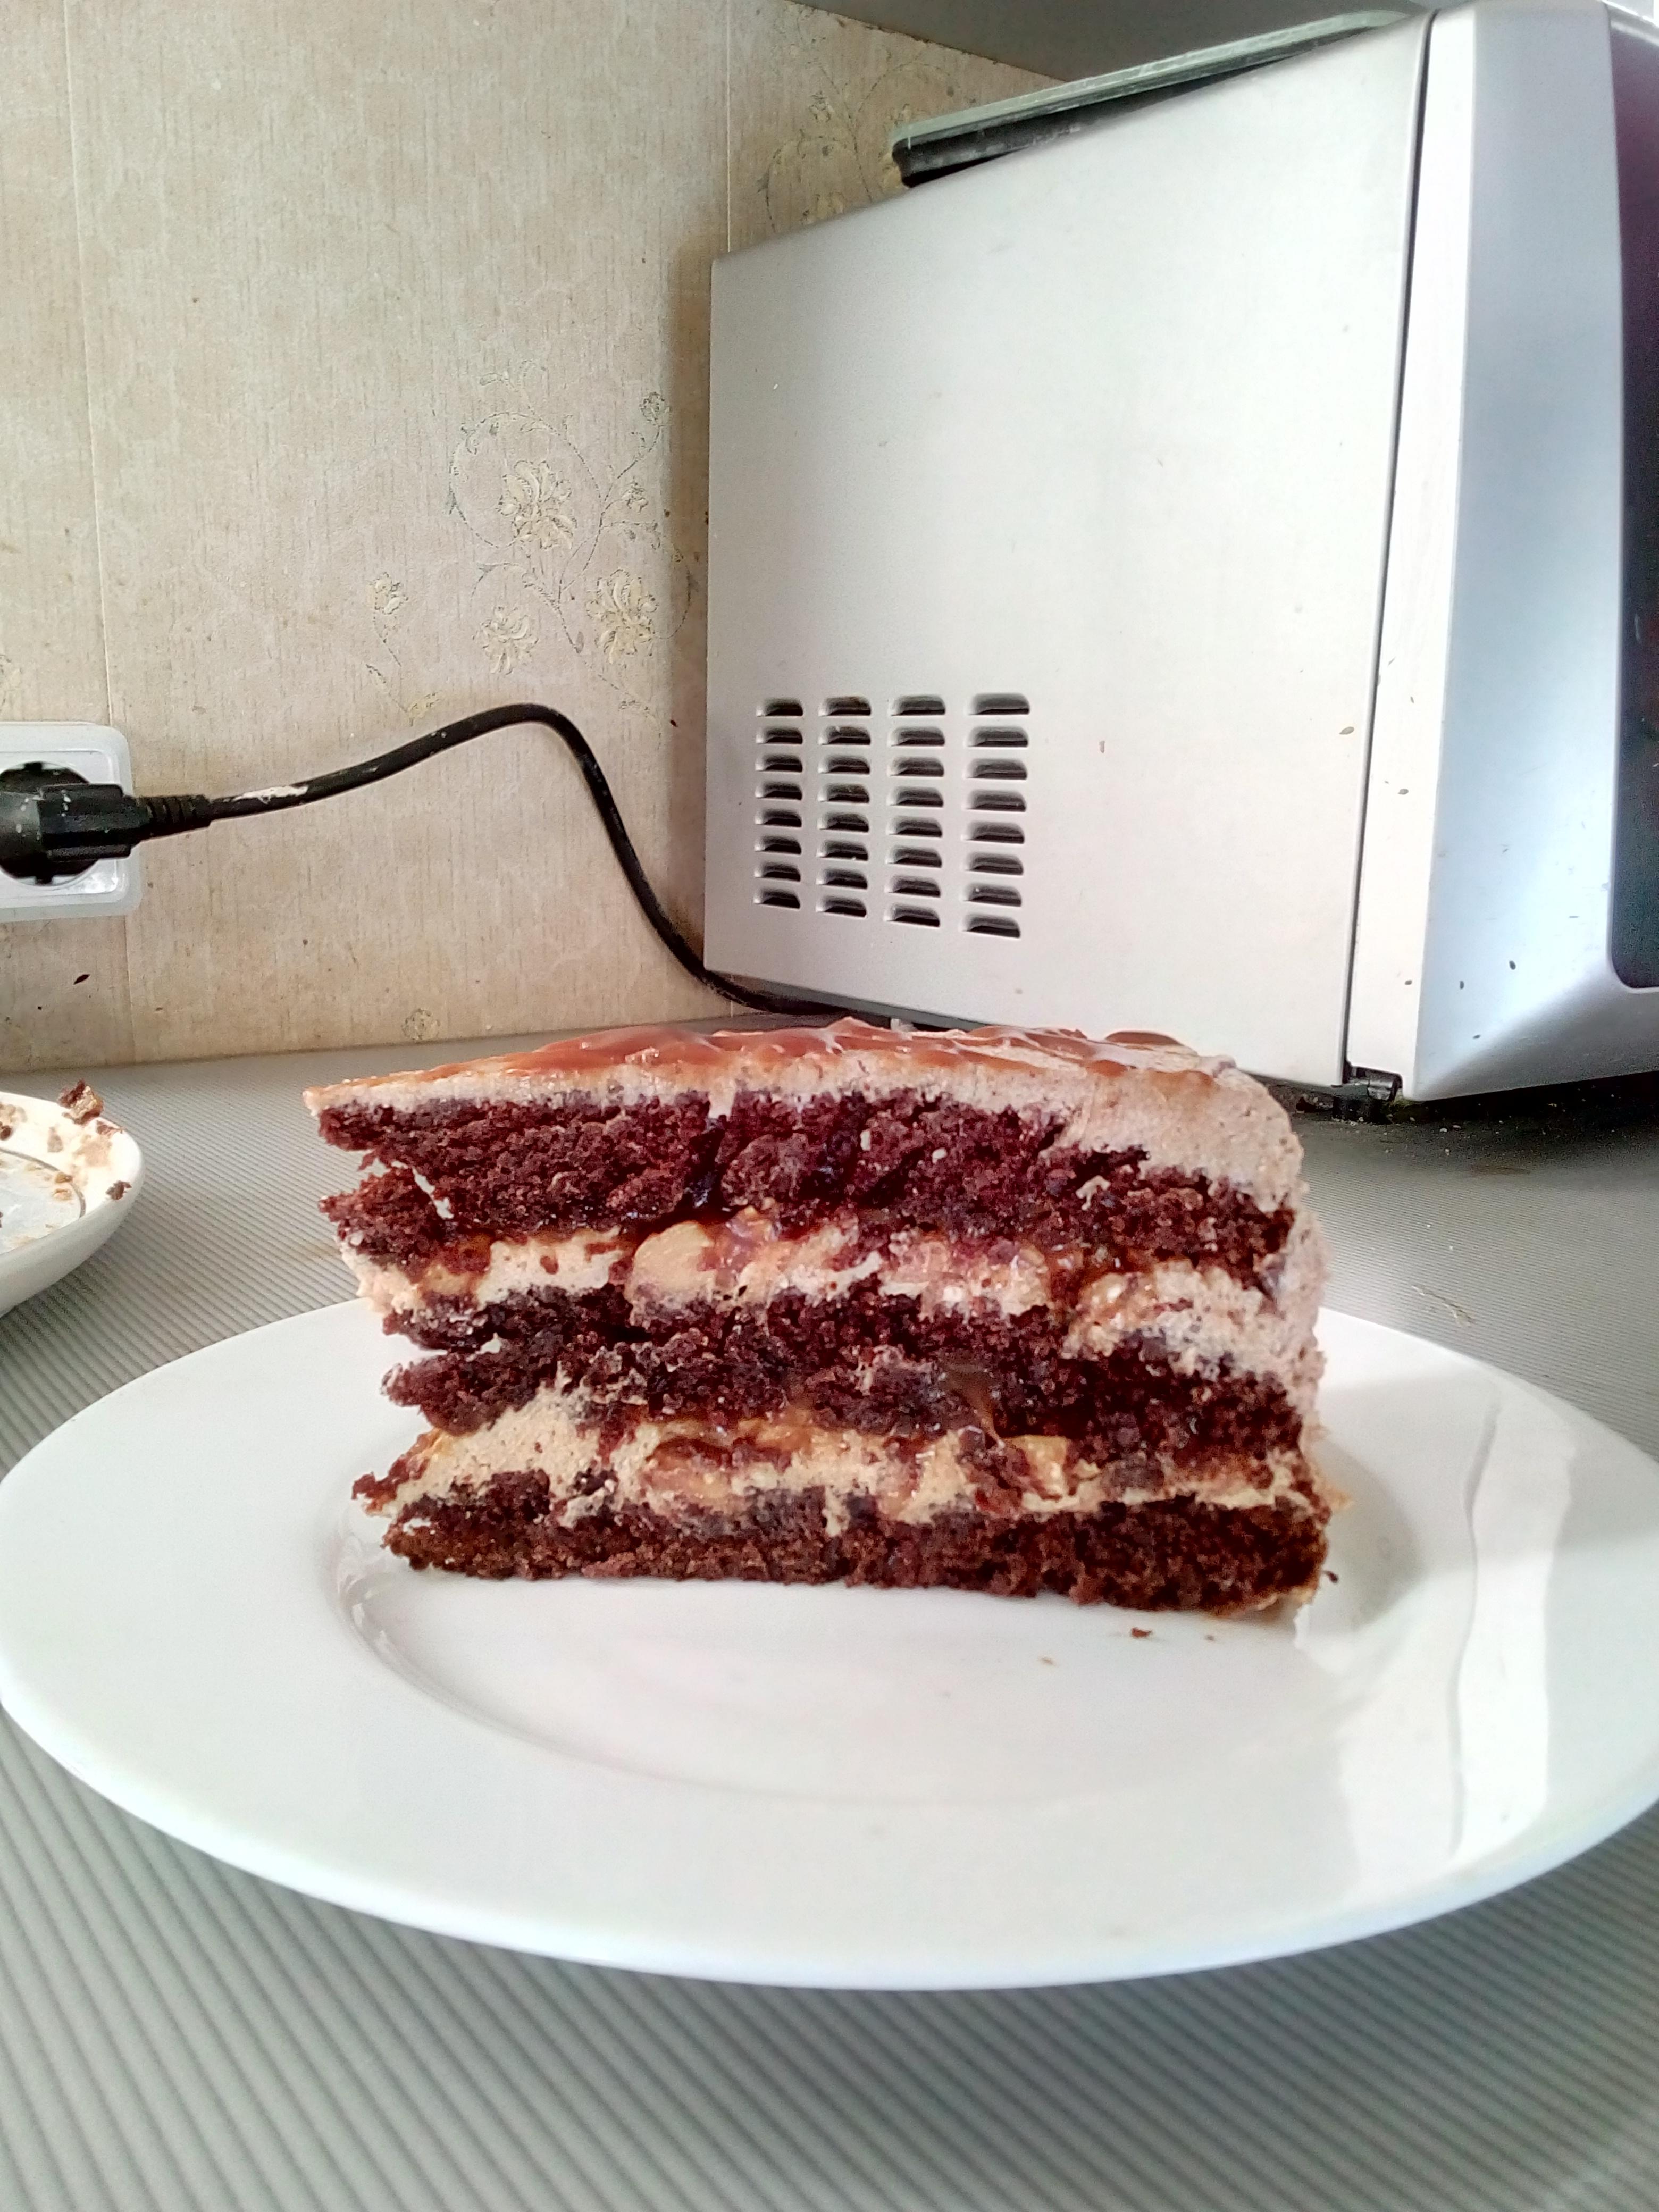 Александра мотрич 33 комментария сладкая выпечка, торты.